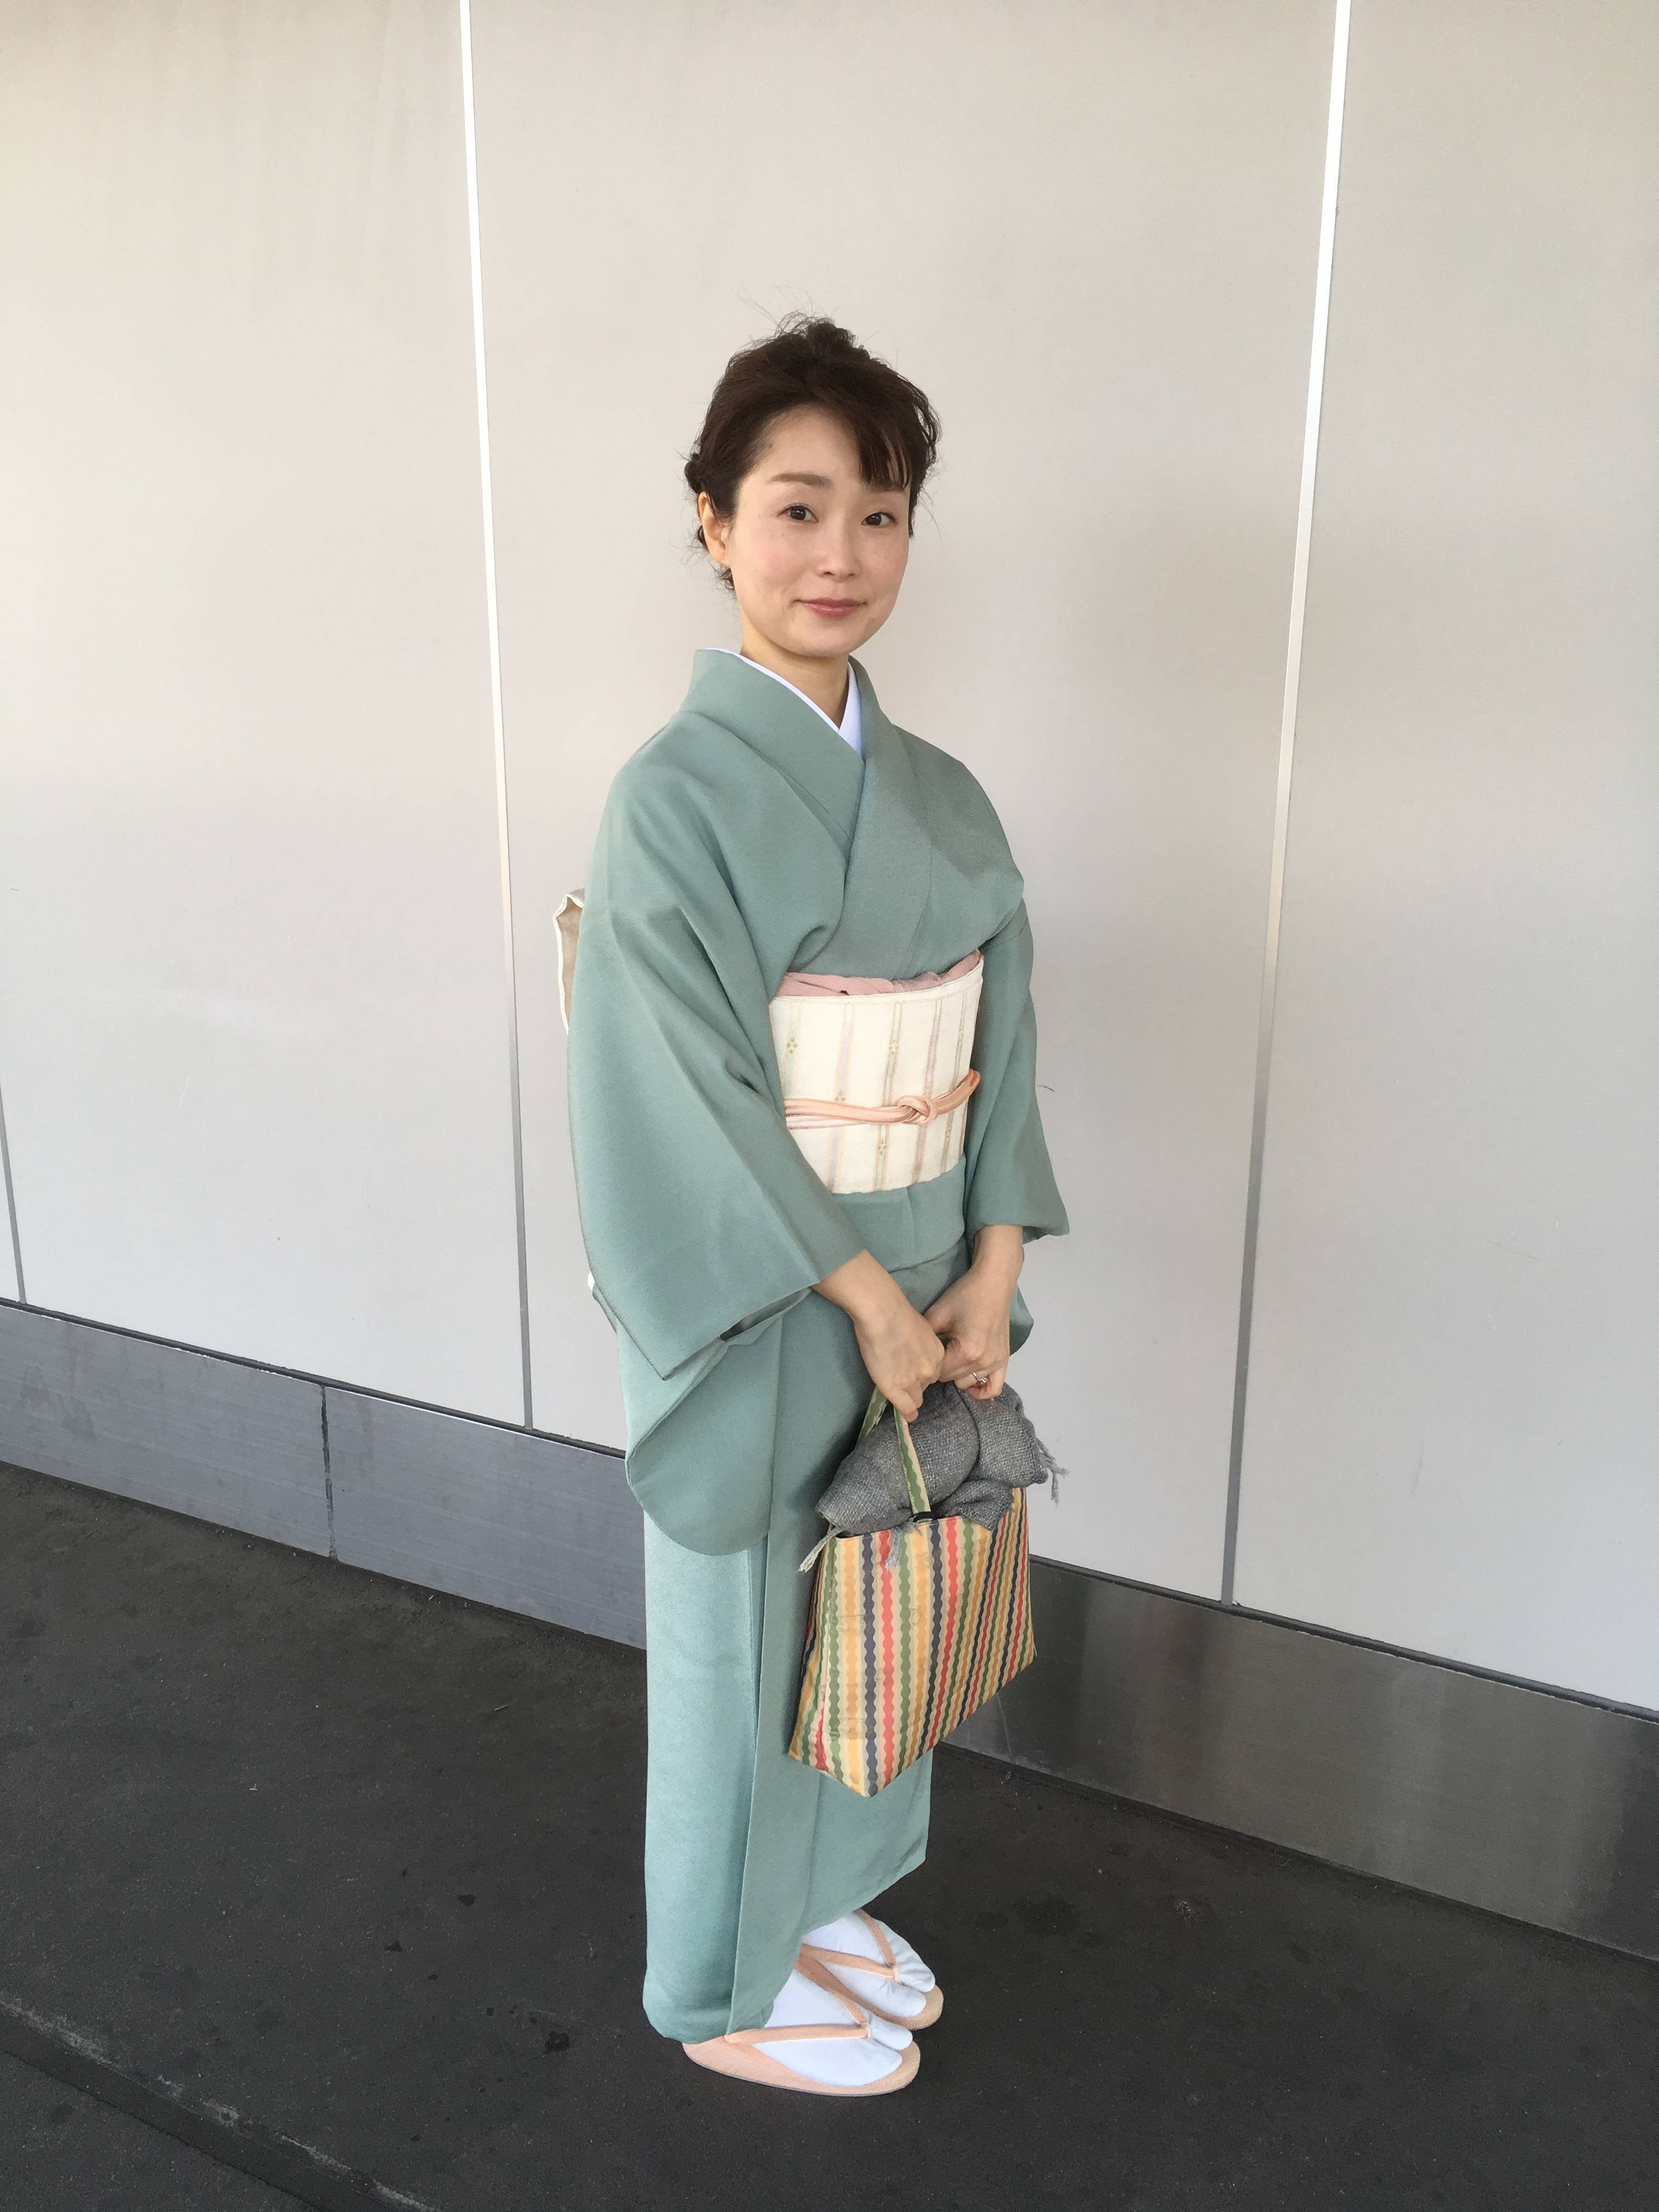 アラフォー母、中学入学式で着物を着る!_1_2